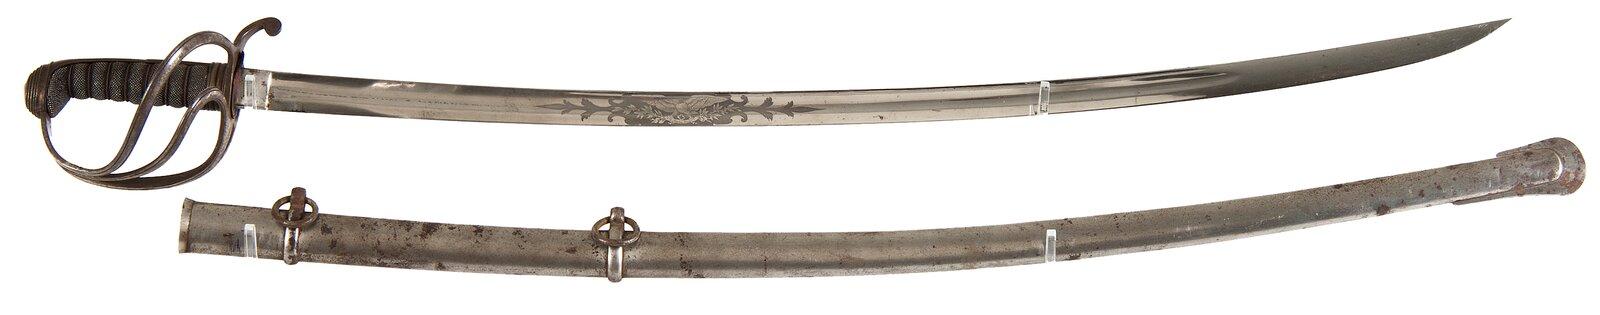 Szabla Szabla Źródło: Minnesota Historical Society's, fotografia barwna, licencja: CC BY-SA 2.0.